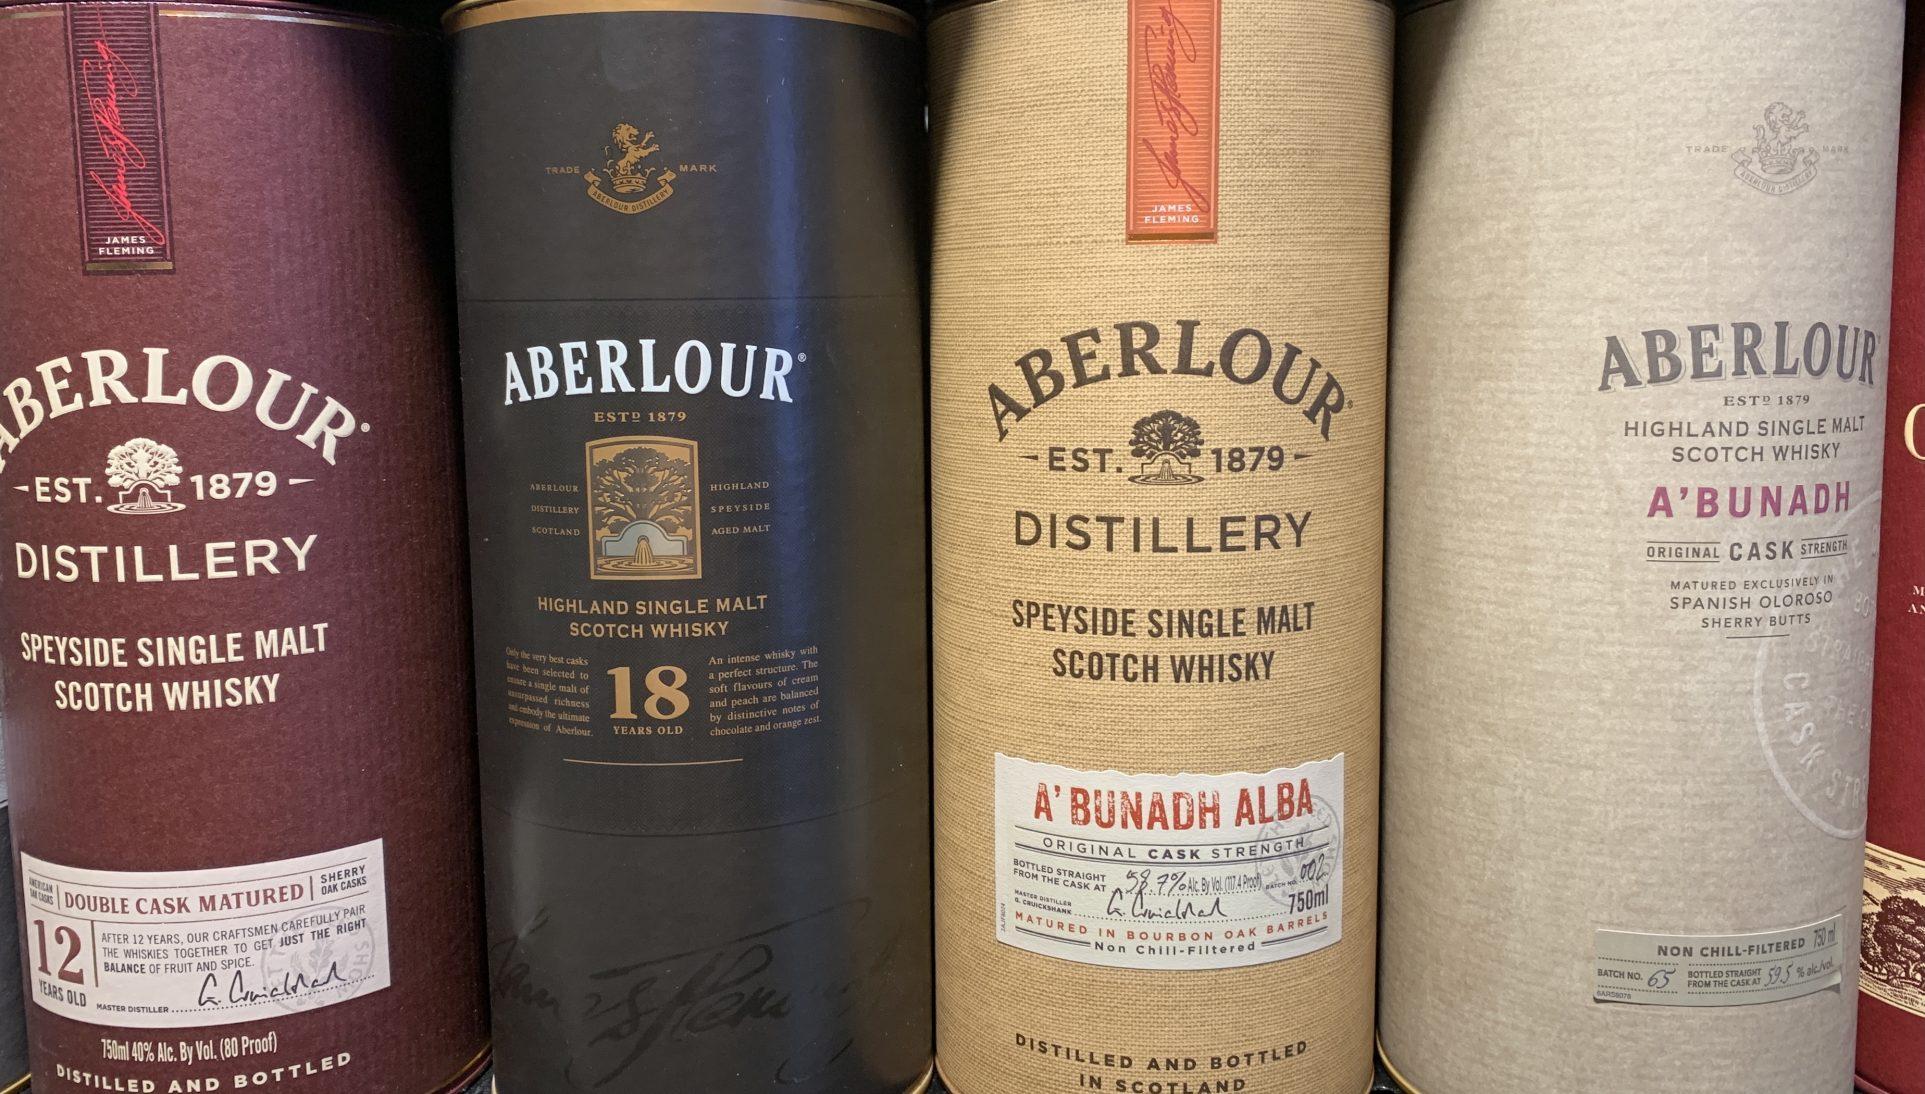 Aberlour Tasting Event